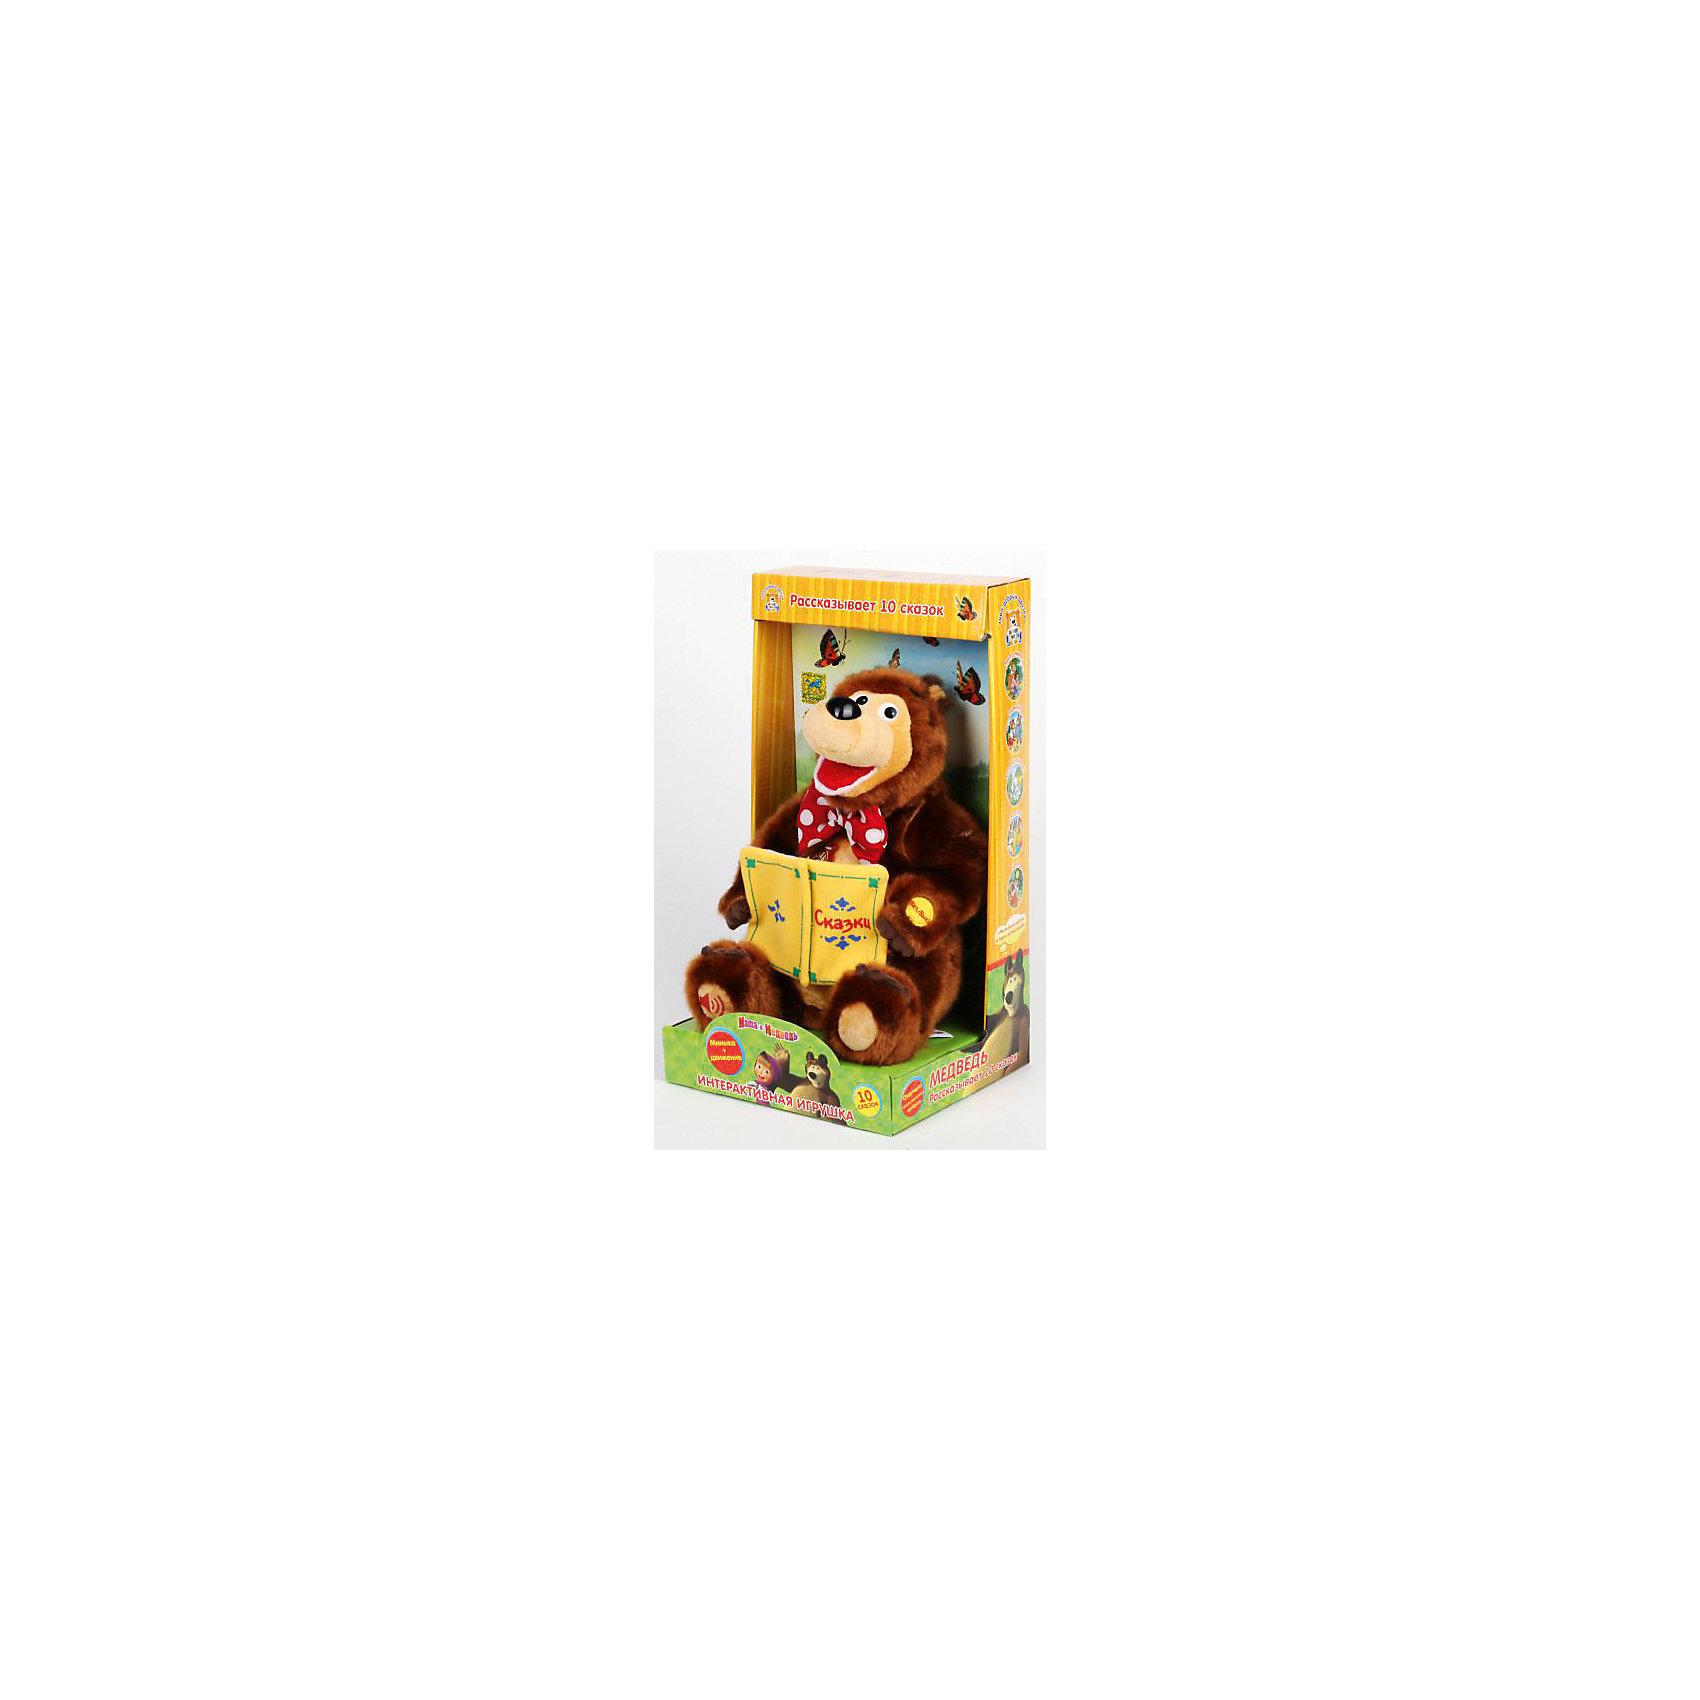 Мягкая игрушка Мишка, 30 см, со звуком, Маша и Медведь, МУЛЬТИ-ПУЛЬТИЛюбимые герои<br>Мягкая игрушка Мишка со звуком от марки МУЛЬТИ-ПУЛЬТИ<br><br>Интерактивная мягкая игрушка от отечественного производителя поможет ребенку проводить время весело и с пользой. Она сделана в виде медведя из известного любимого детьми мультфильма. В игрушке есть встроенный звуковой модуль, работающий на батарейках. Благодаря этому медведь может рассказать 10 сказок.<br>Размер игрушки - 30 сантиметров, её удобно брать с собой в поездки и на прогулку. Одет Мишка в яркую бабочку, в руках- книга. Сделан он из качественных и безопасных для ребенка материалов. <br><br>Отличительные особенности игрушки:<br><br>- материал: текстиль, пластик;<br>- звуковой модуль;<br>- язык: русский;<br>- работает на батарейках;<br>- высота: 30 см.<br><br>Мягкую игрушку Мишка со звуком от марки МУЛЬТИ-ПУЛЬТИ можно купить в нашем магазине.<br><br>Ширина мм: 600<br>Глубина мм: 440<br>Высота мм: 400<br>Вес г: 1170<br>Возраст от месяцев: 36<br>Возраст до месяцев: 84<br>Пол: Унисекс<br>Возраст: Детский<br>SKU: 4659497